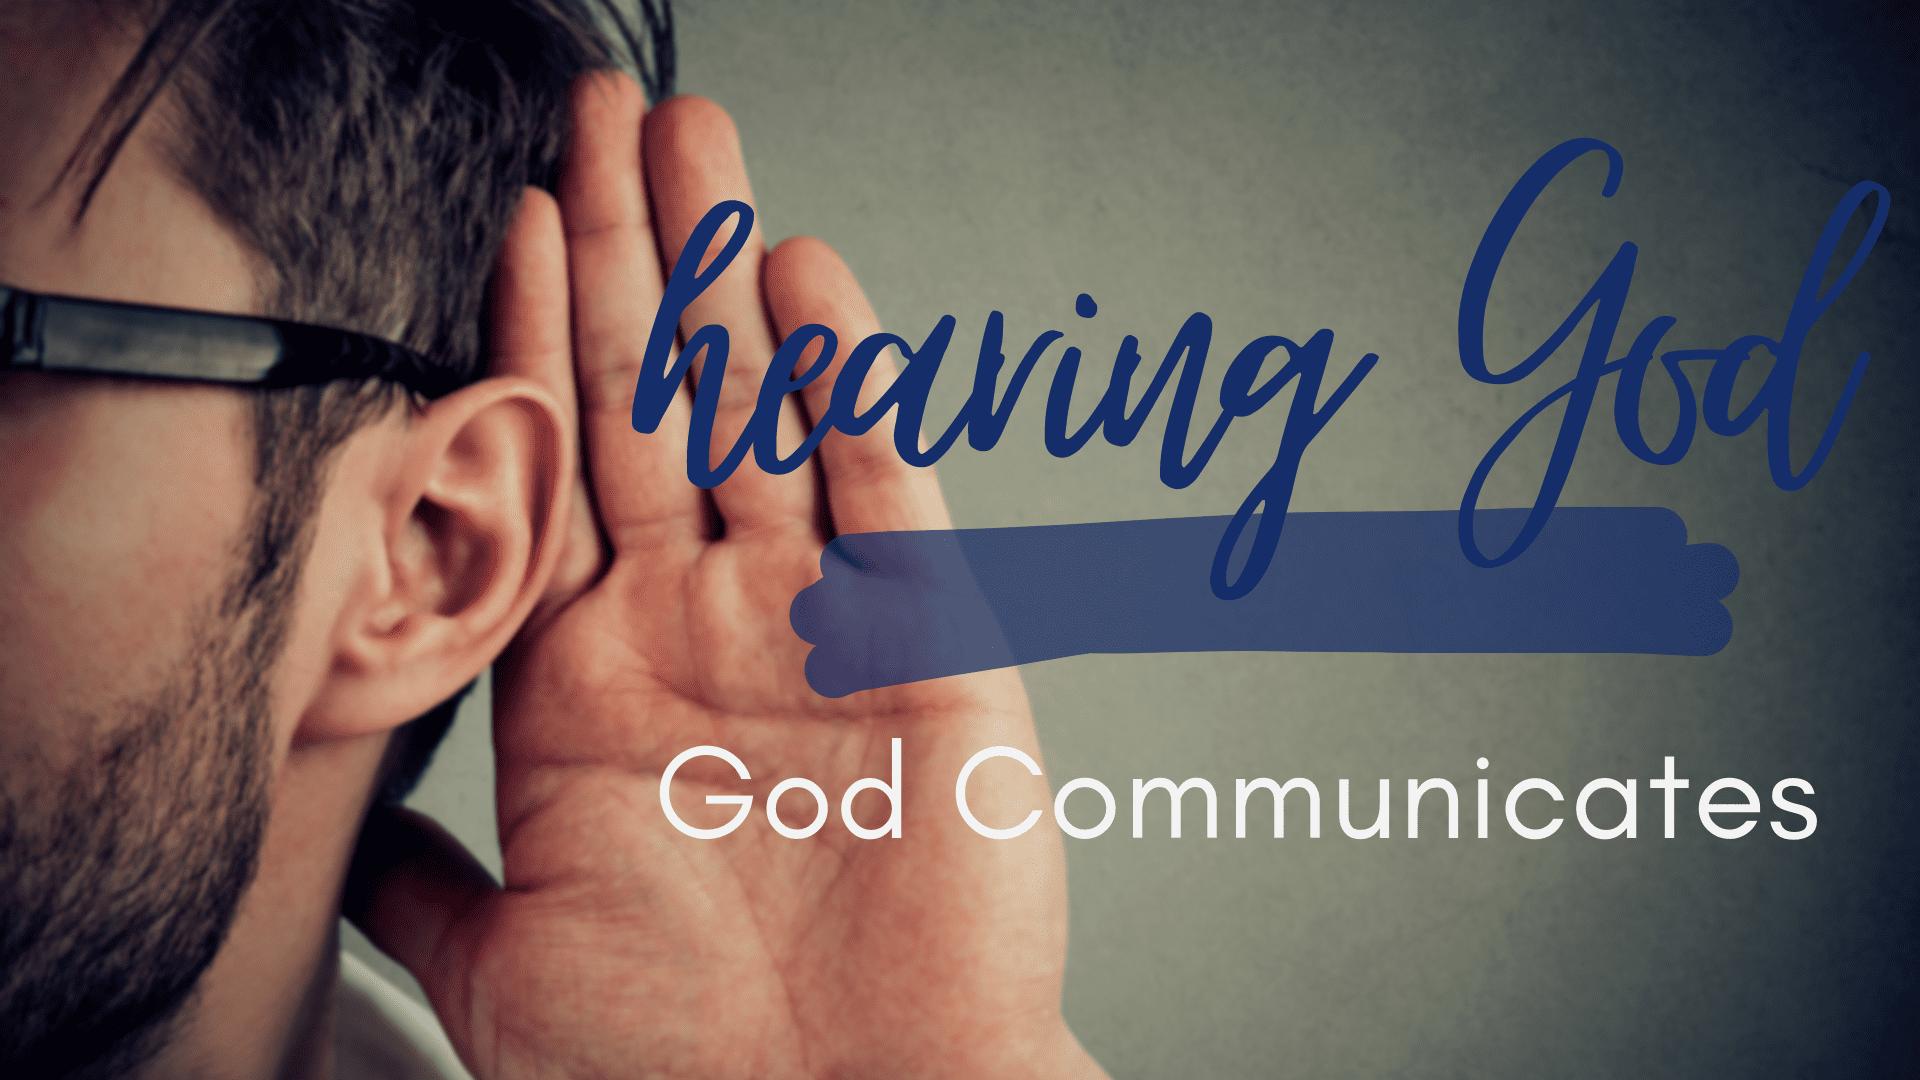 God Communicates